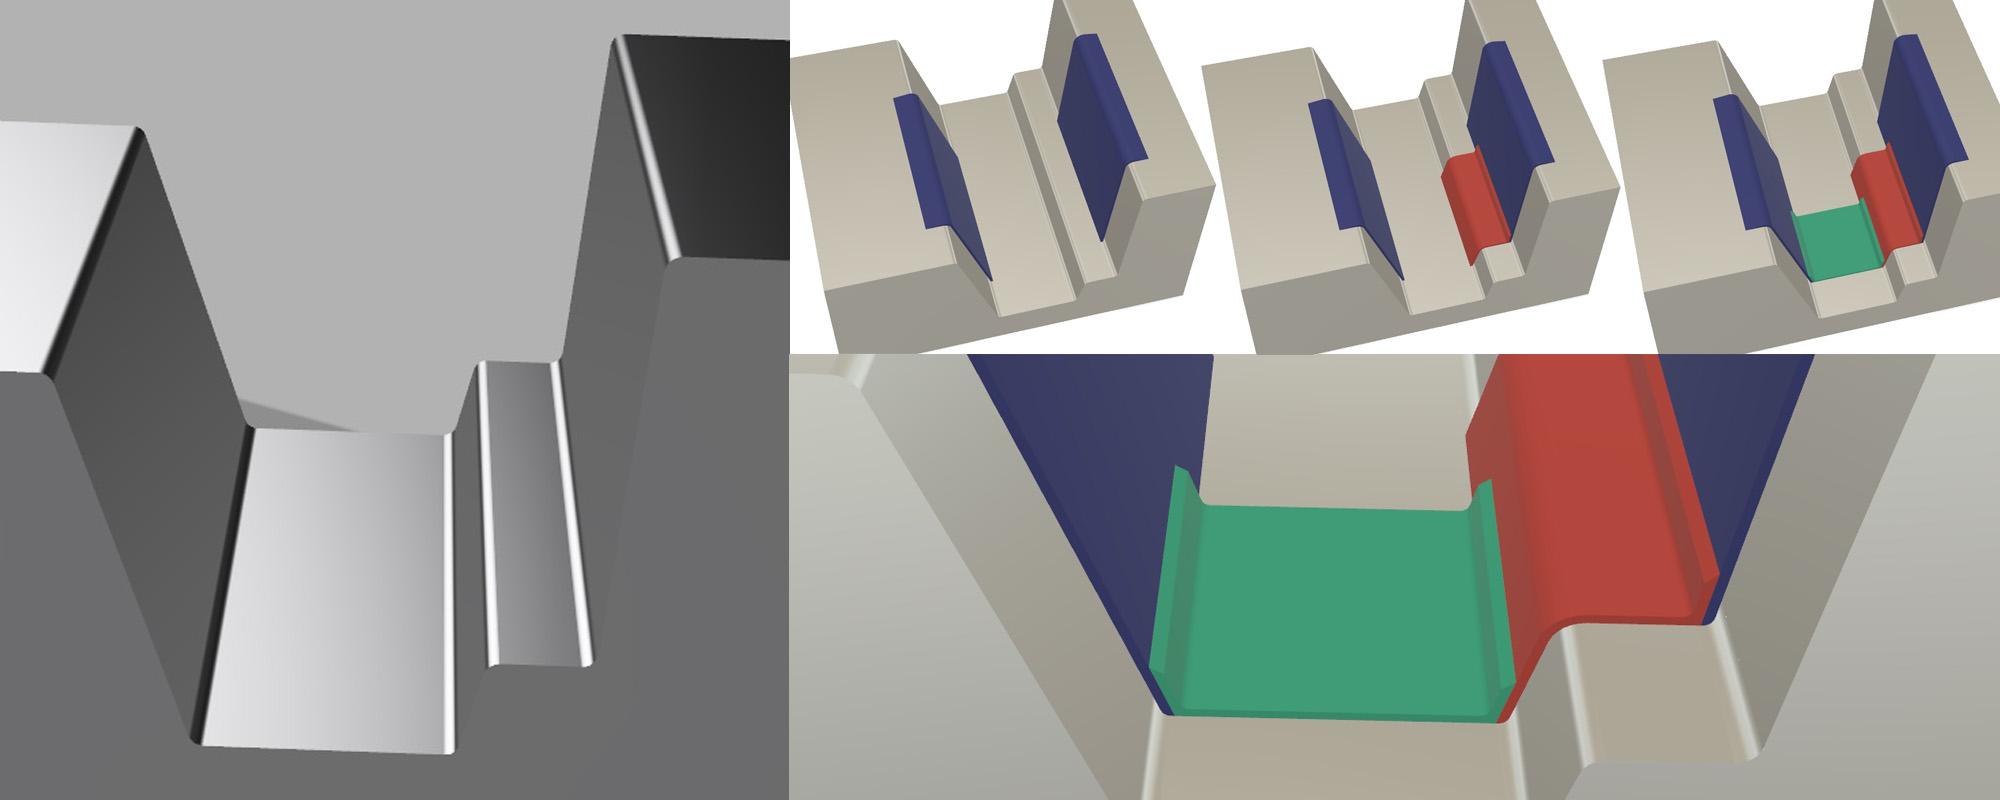 slip joints 2D.jpg